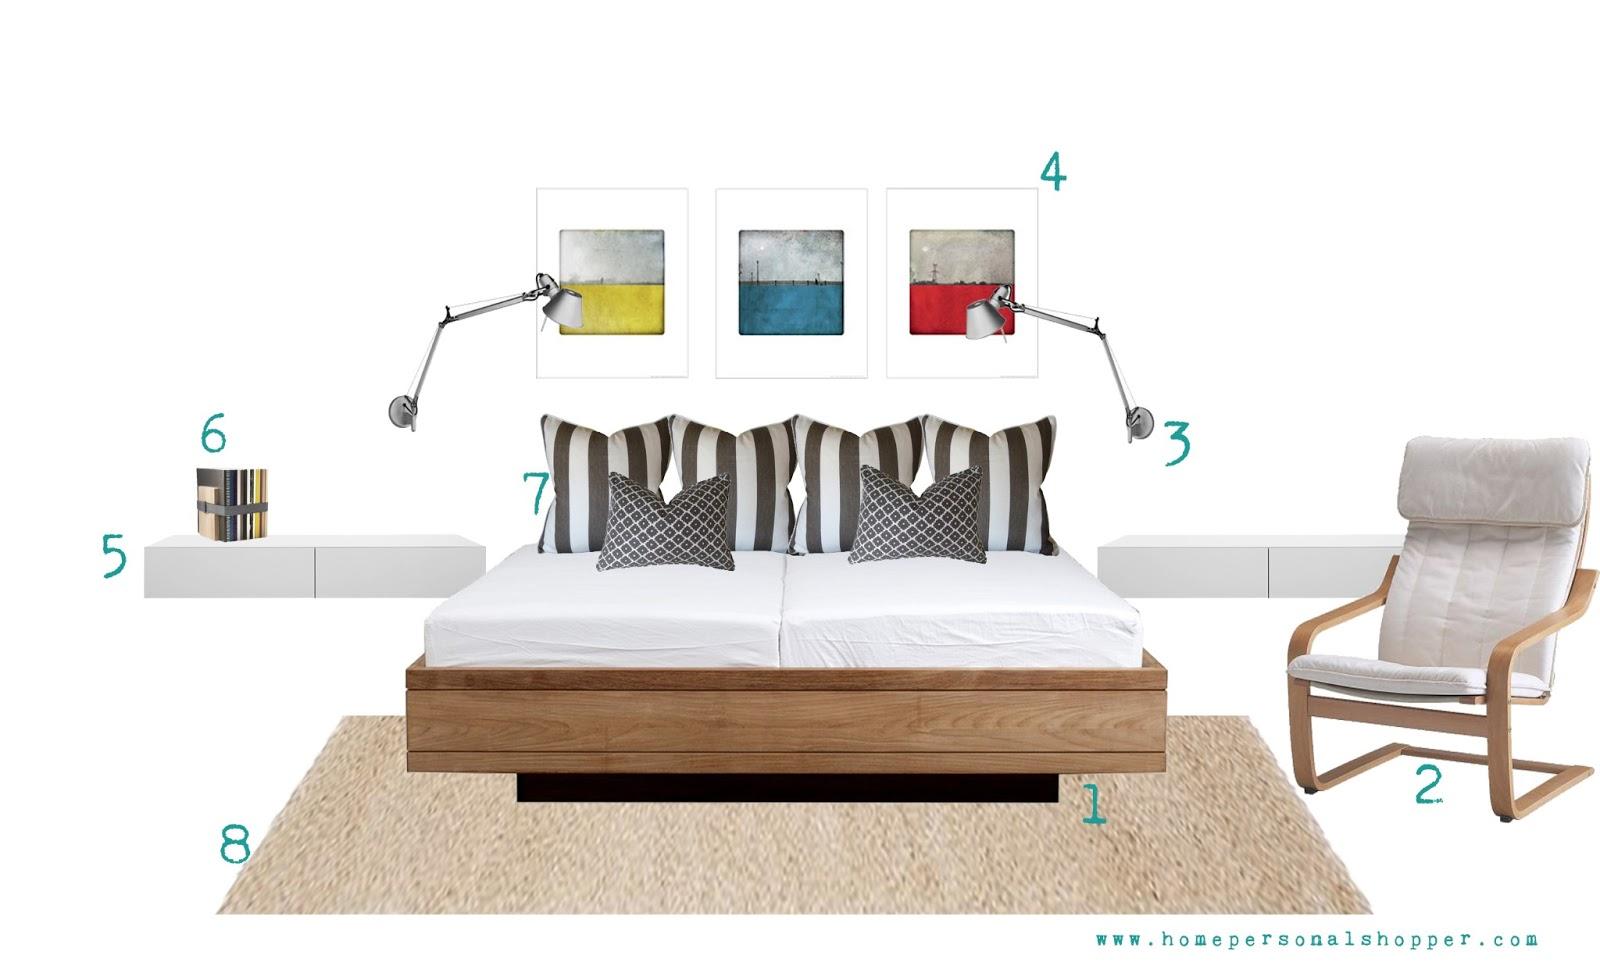 compras, homepersonalshopper, comprar, tiendas, online, nórdica,dormitorio, decoración nórdica, opciones, blanco, neutro, madera